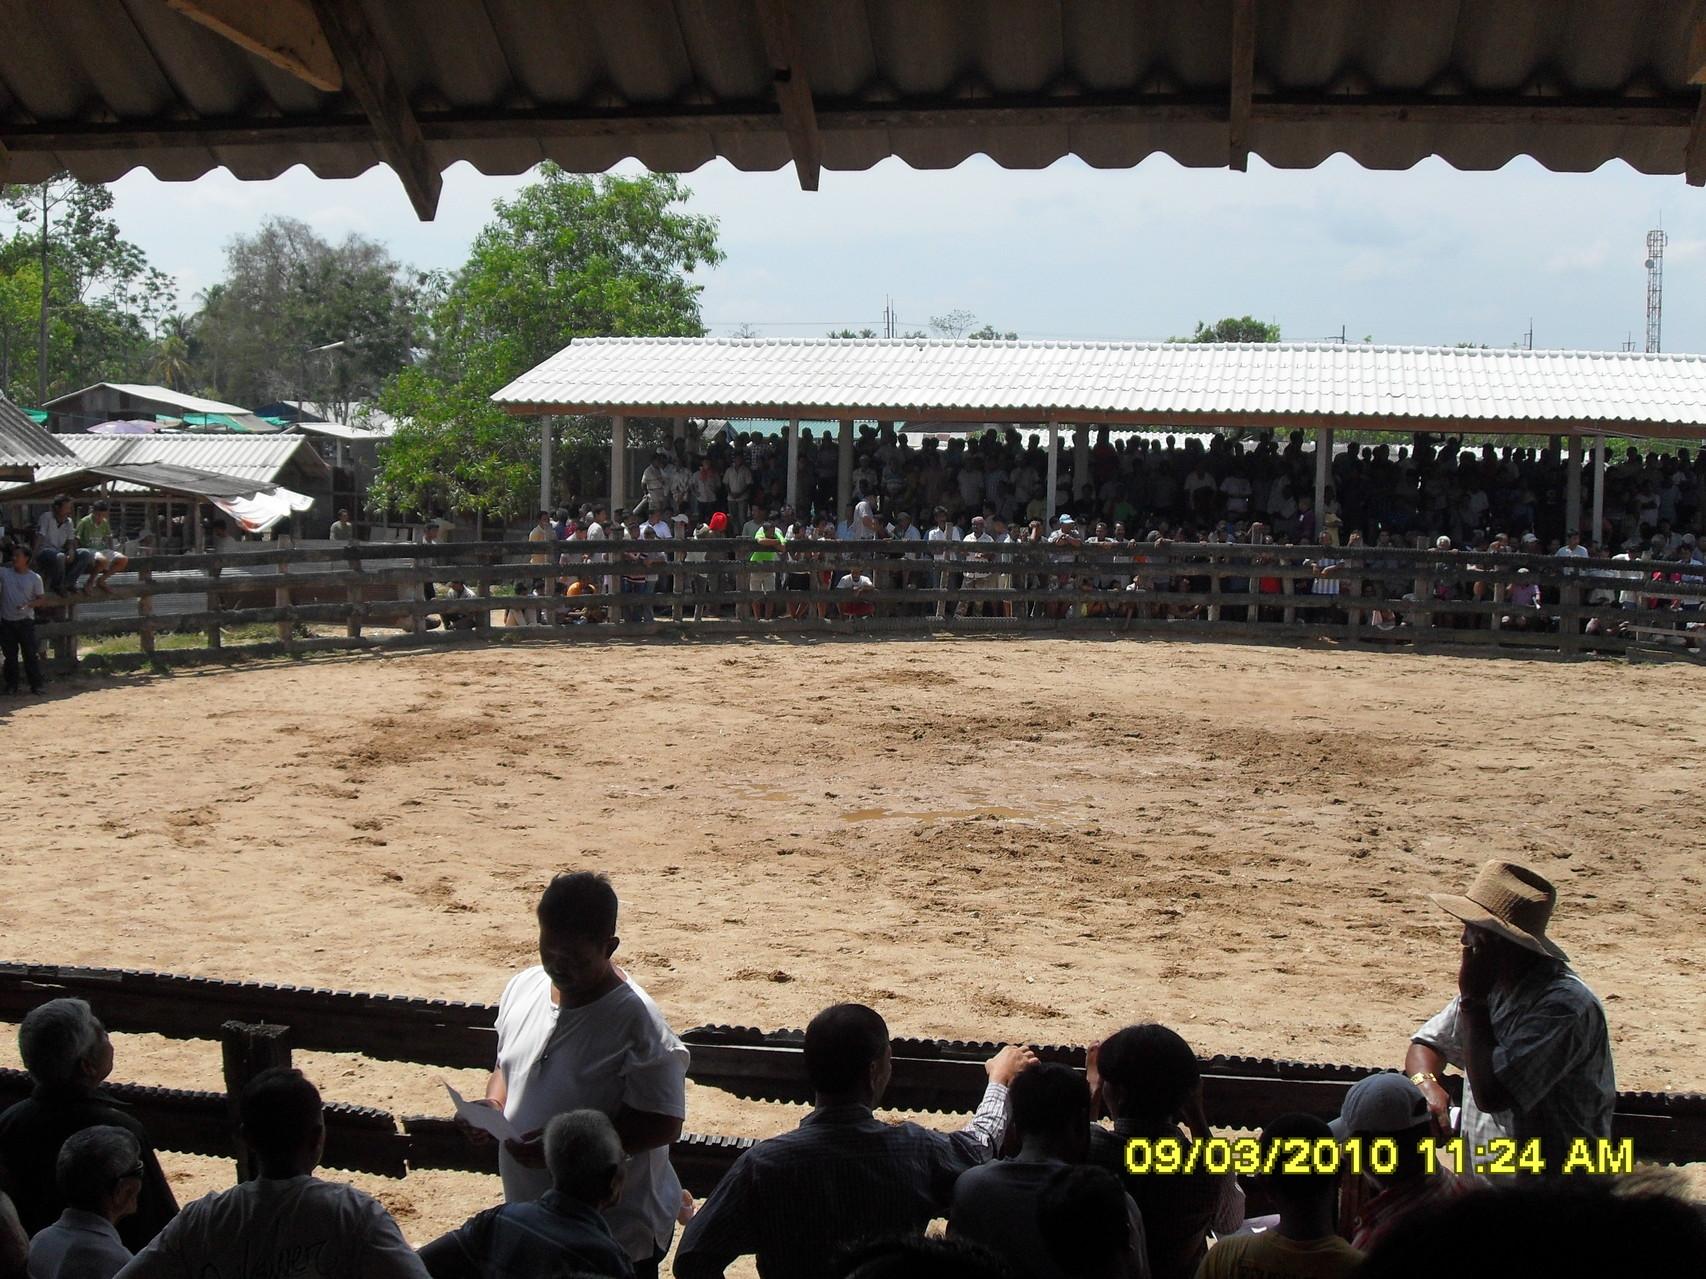 Eine Kuh-Kampf-Arena, hier finden monatlich Kuhkämpfe statt. Diese sind jedoch viel harmloser als die Buffel-Kämpfe